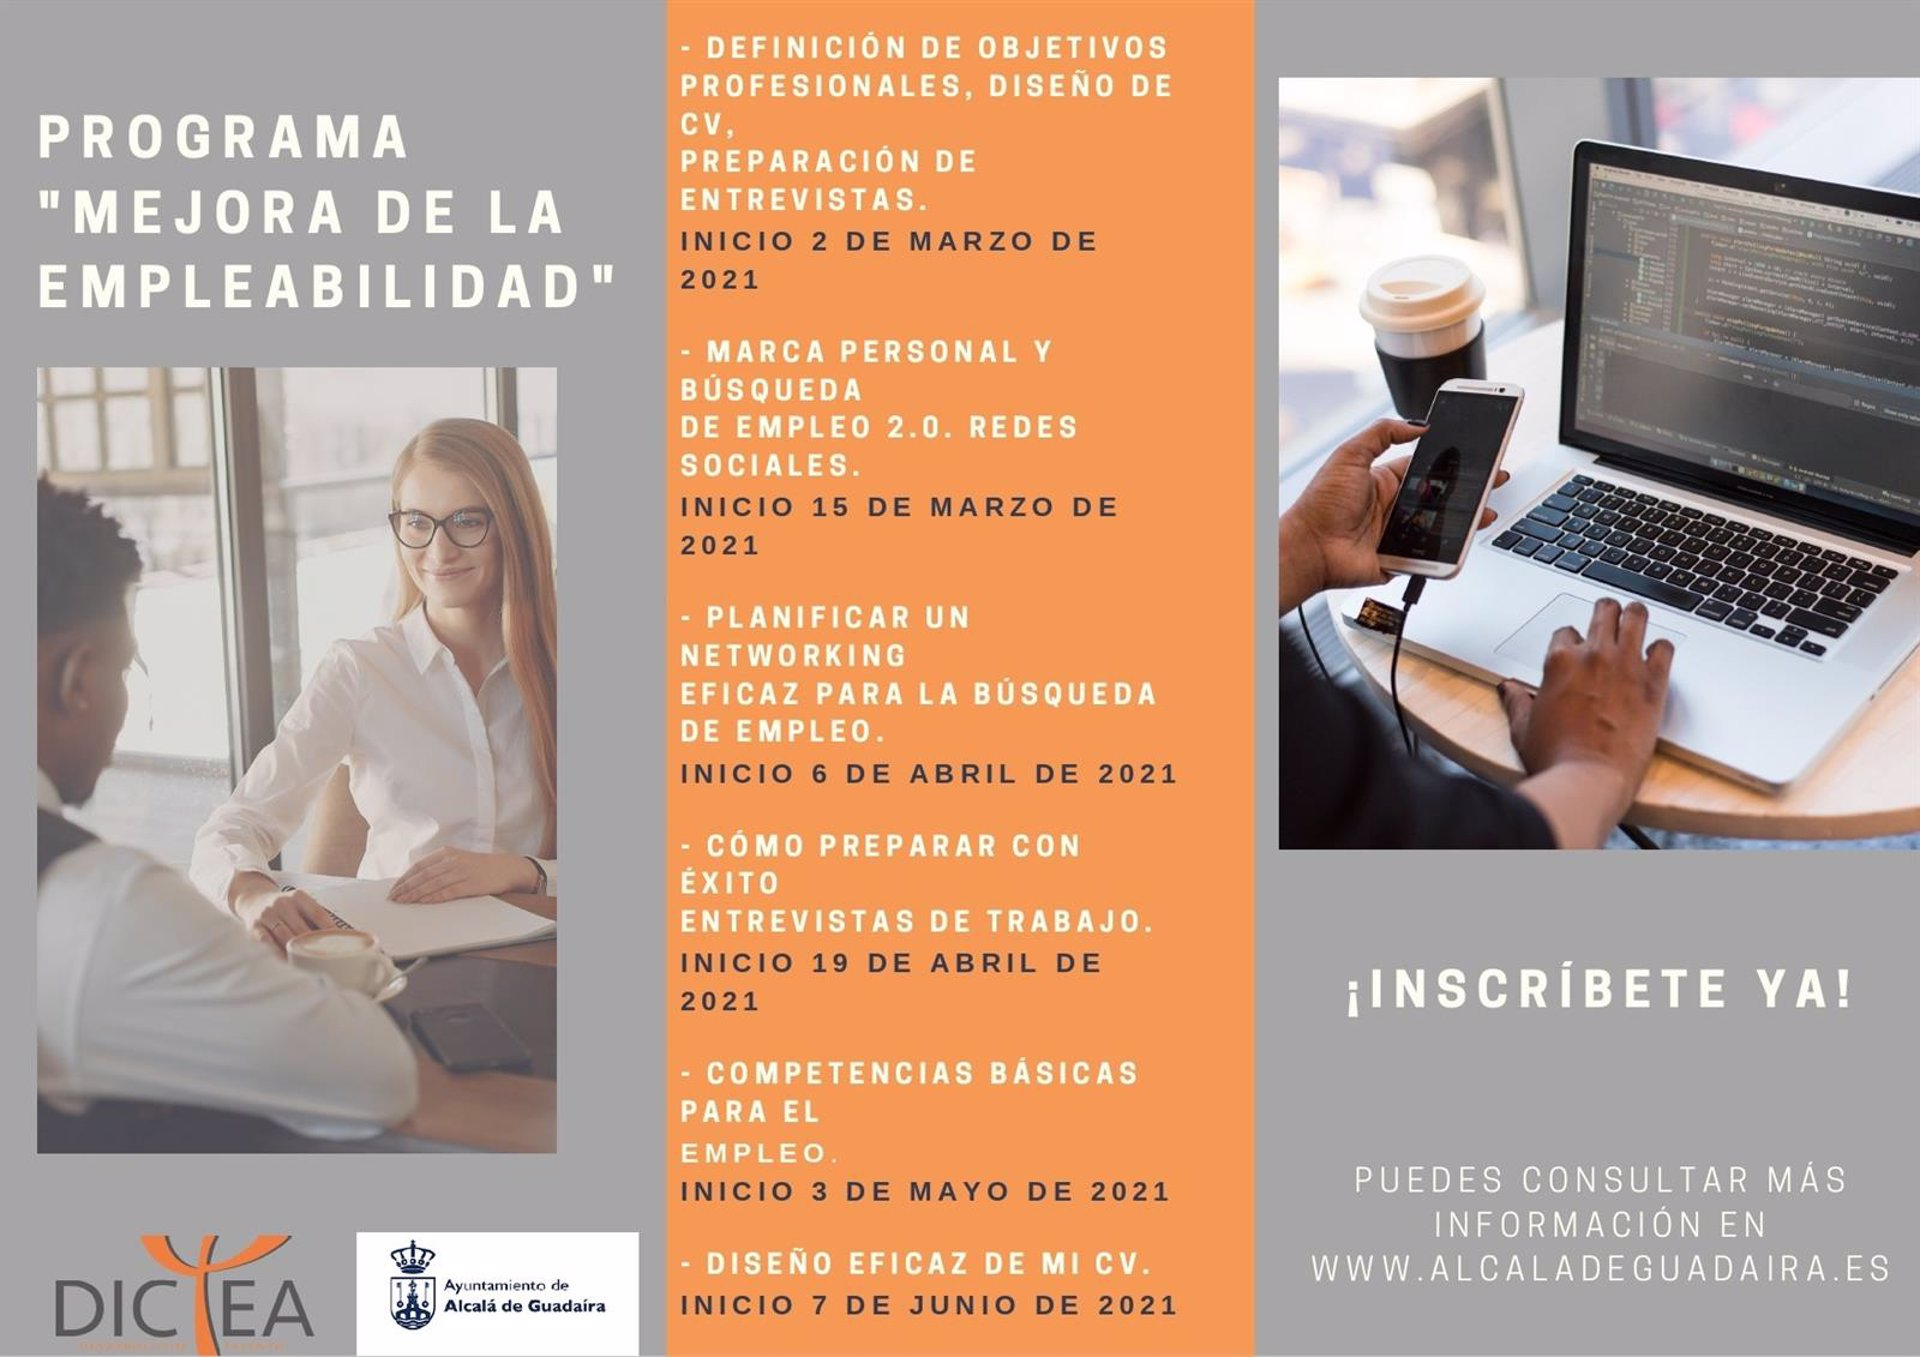 Sevilla.- Ayuntamiento de Alcalá de Guadaíra desarrolla un programa de mejora de empleabilidad y competencias